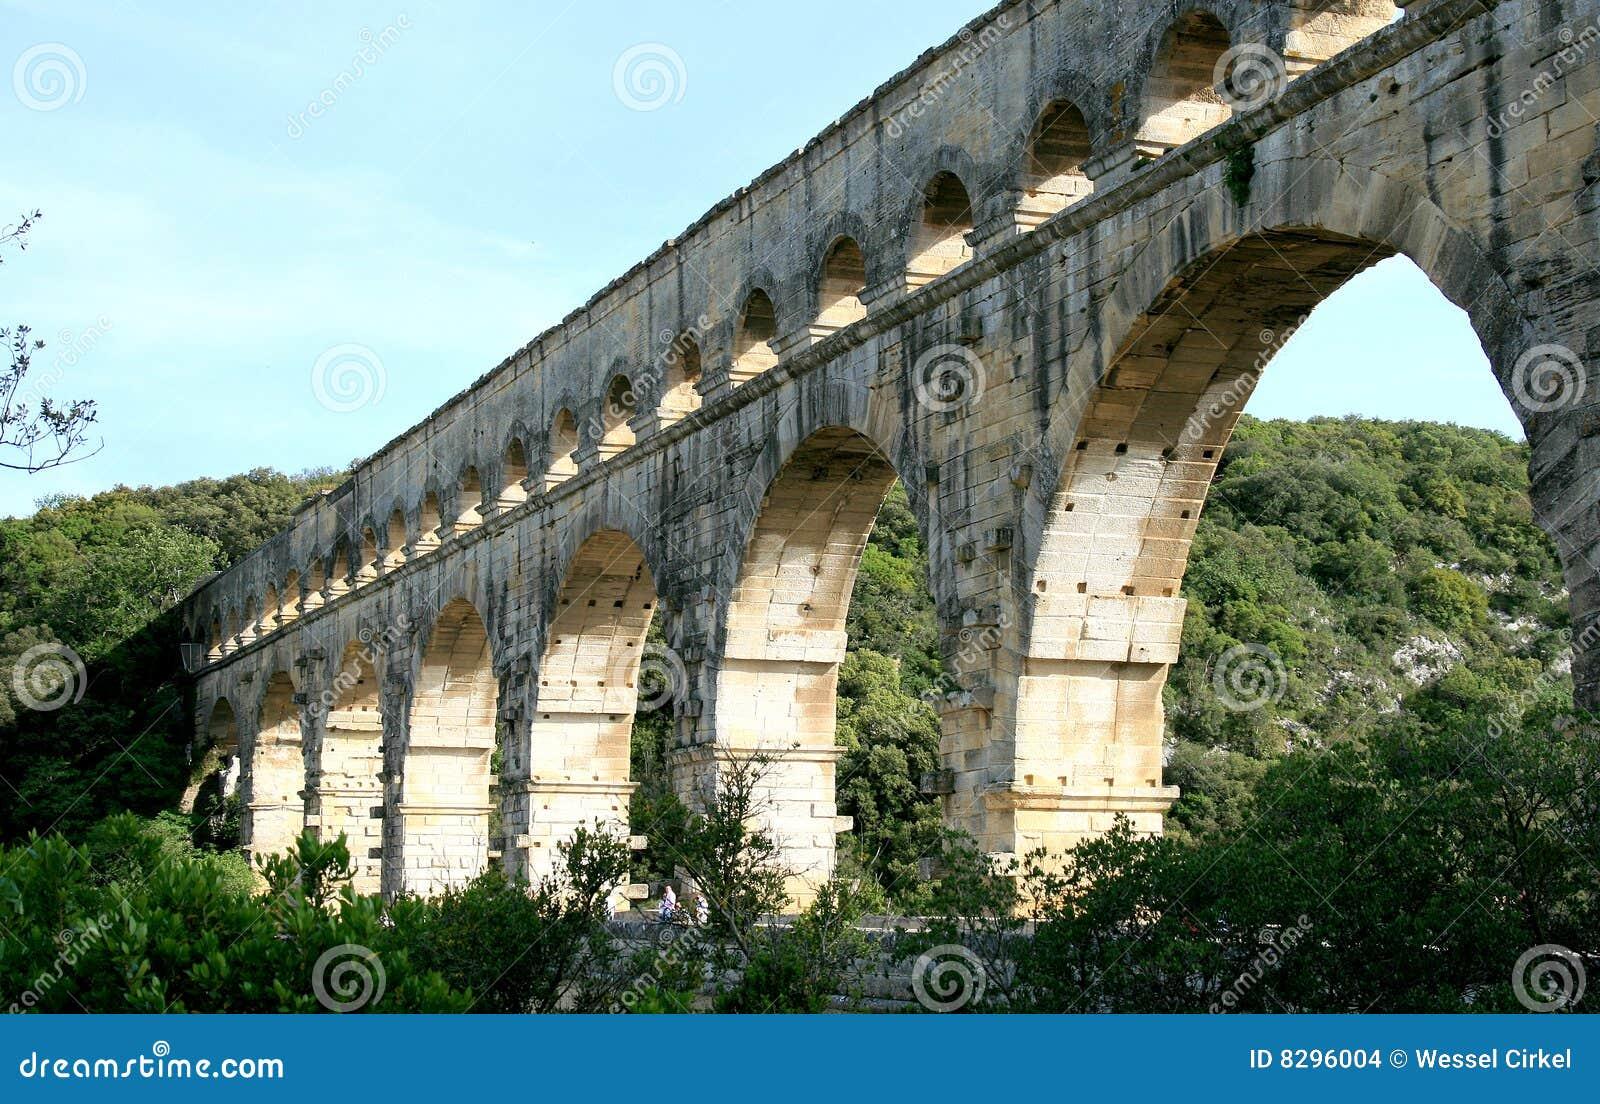 Acueducto romano nombrado pont du gard en francia - Bater roca precios ...